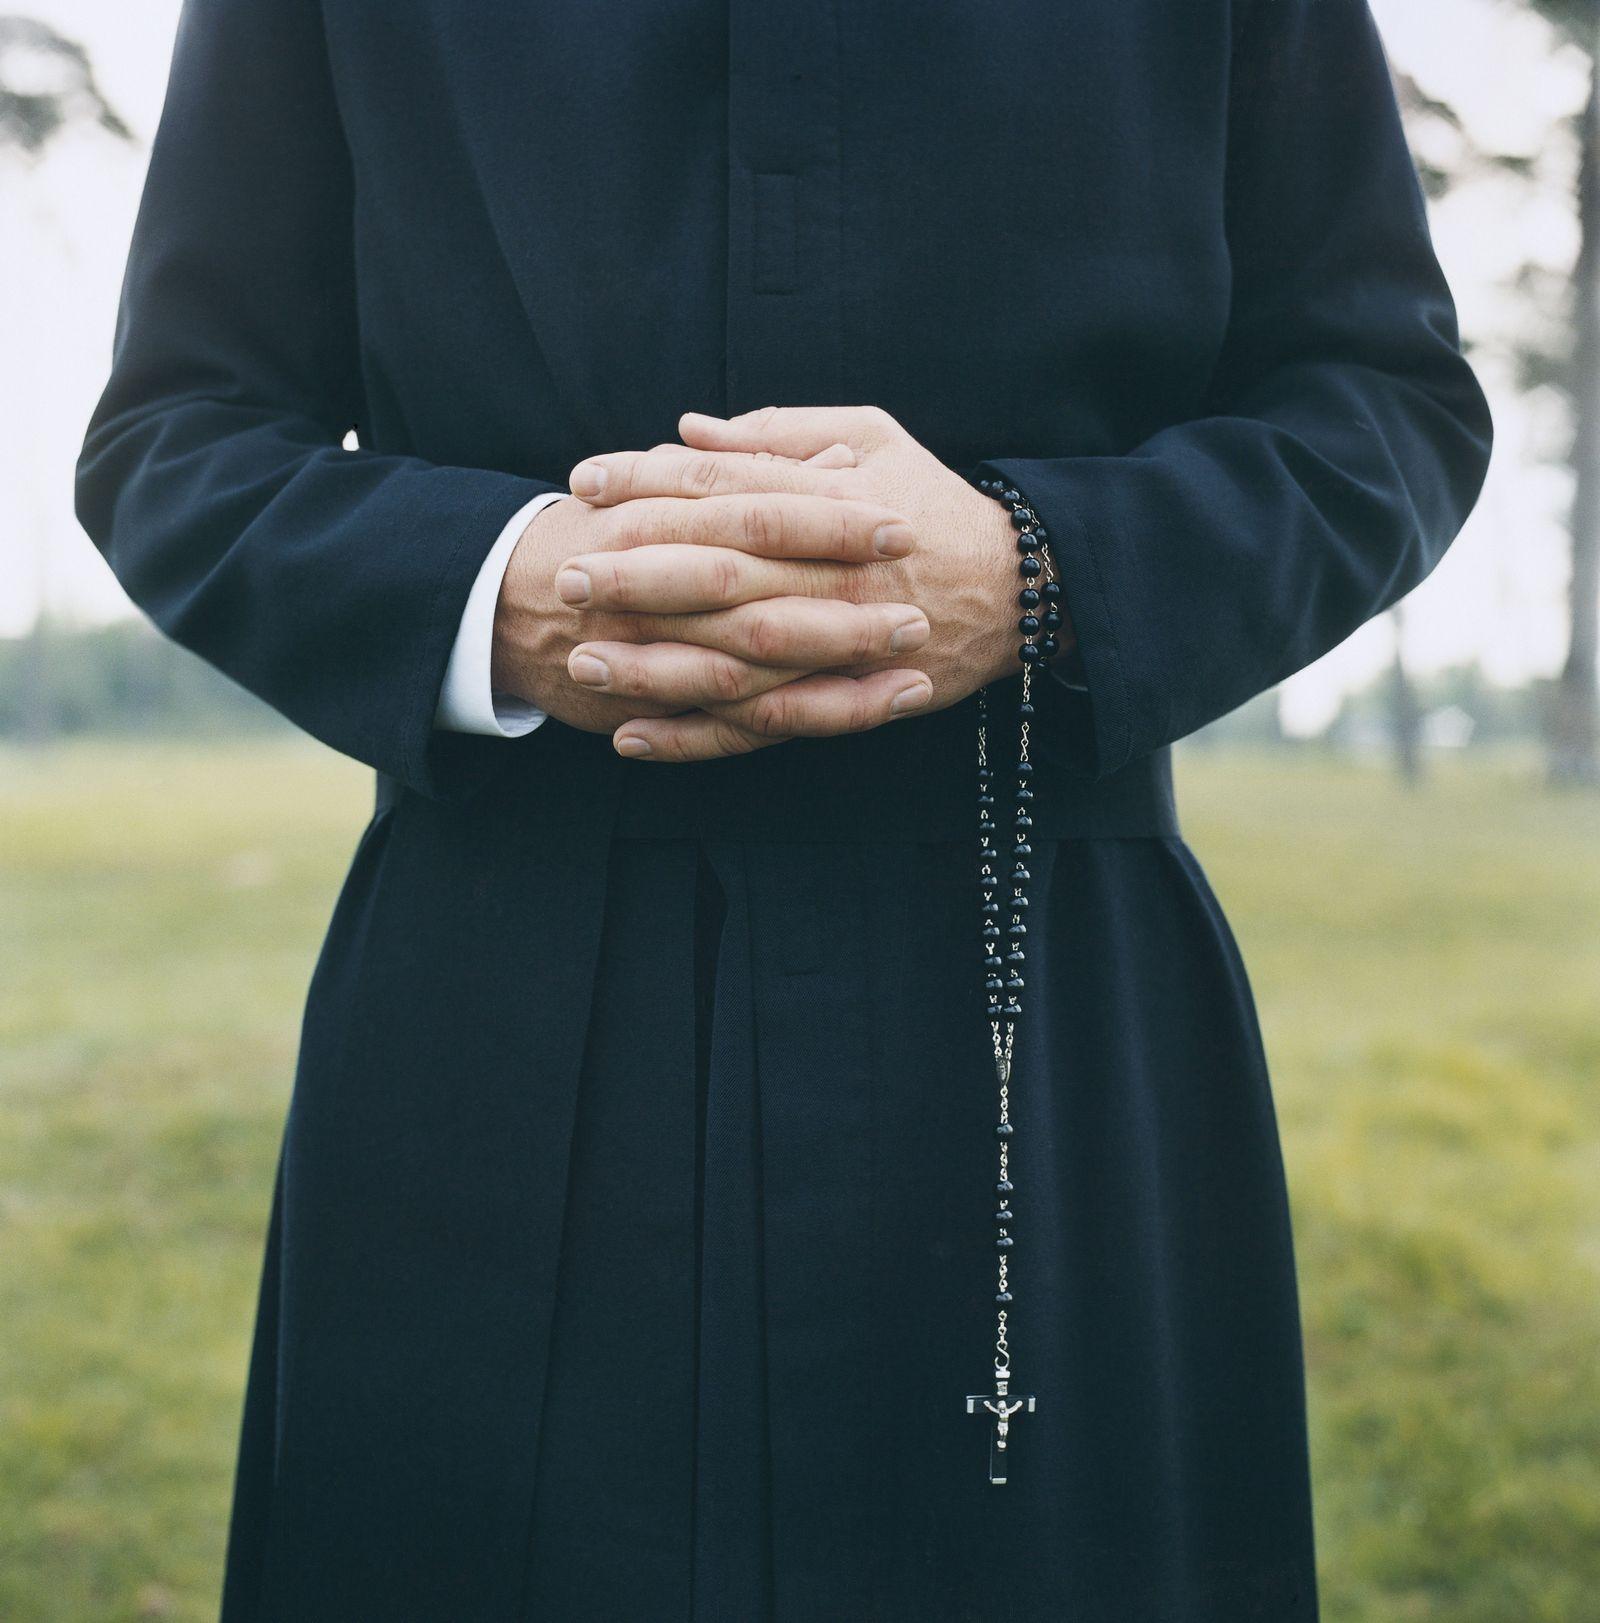 NICHT MEHR VERWENDEN! - Rosenkranz / Katholizismus / Kirche